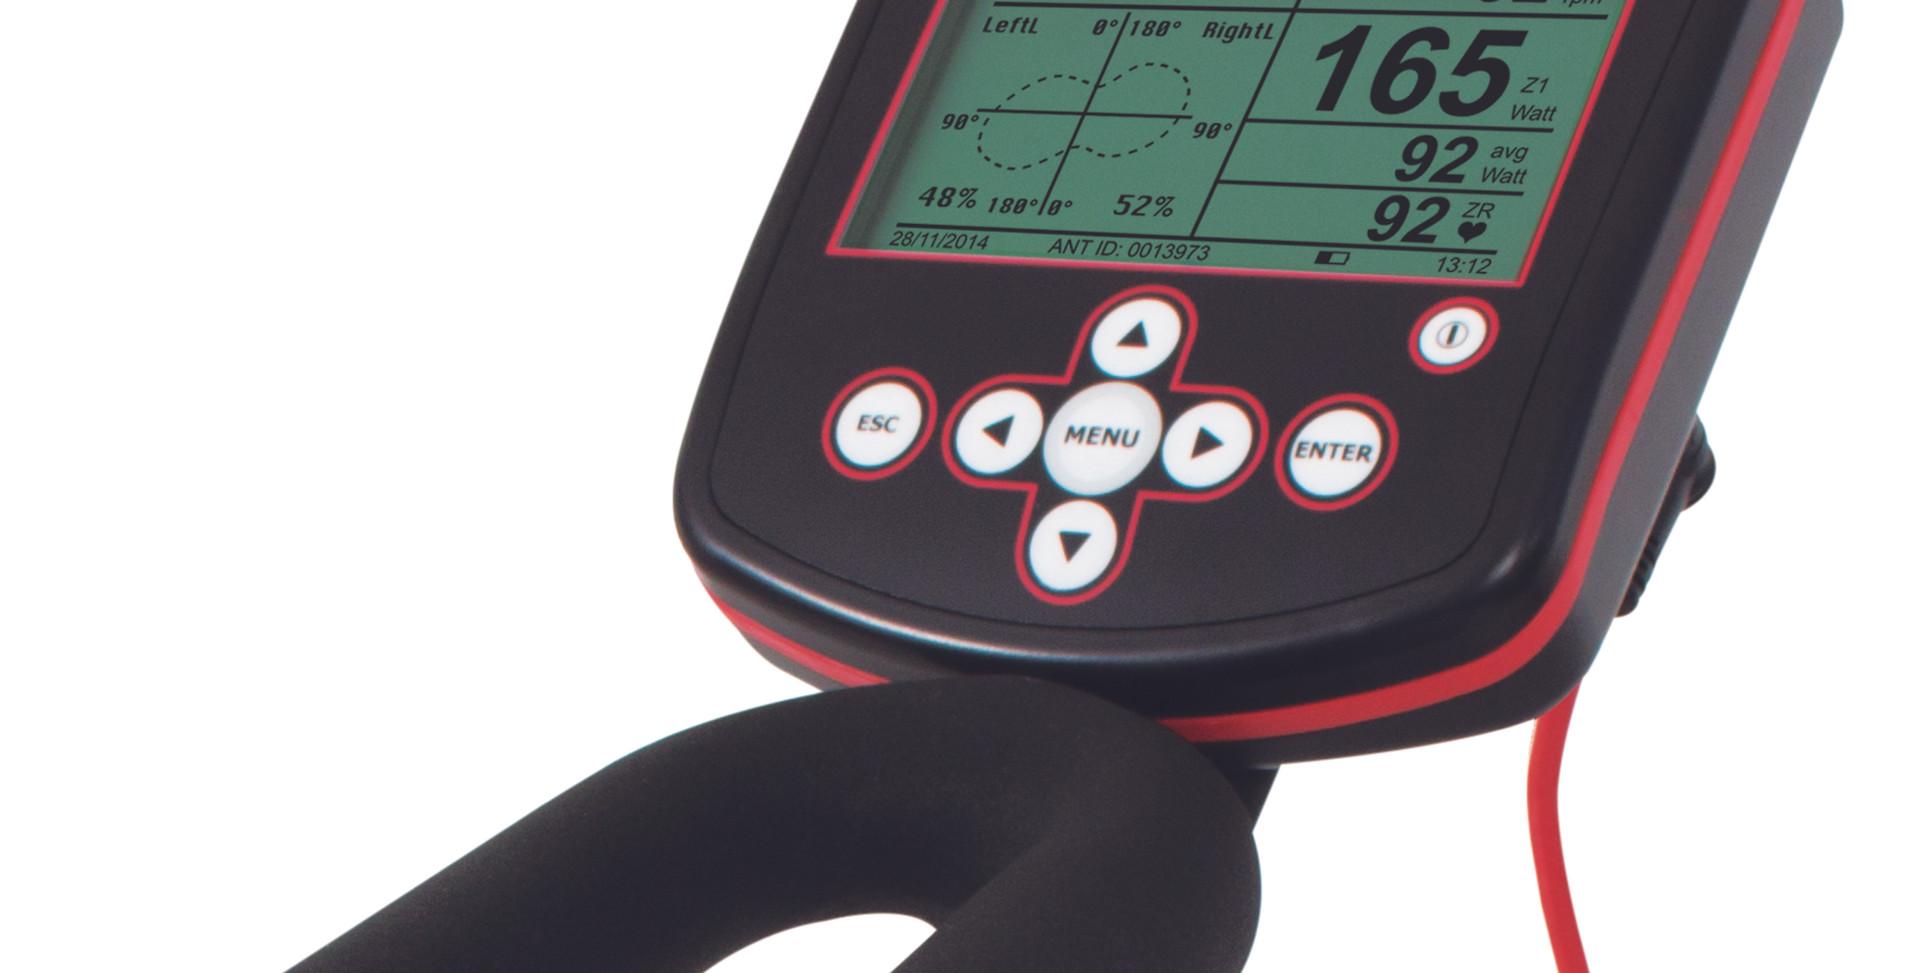 Wattbike monitor.jpg